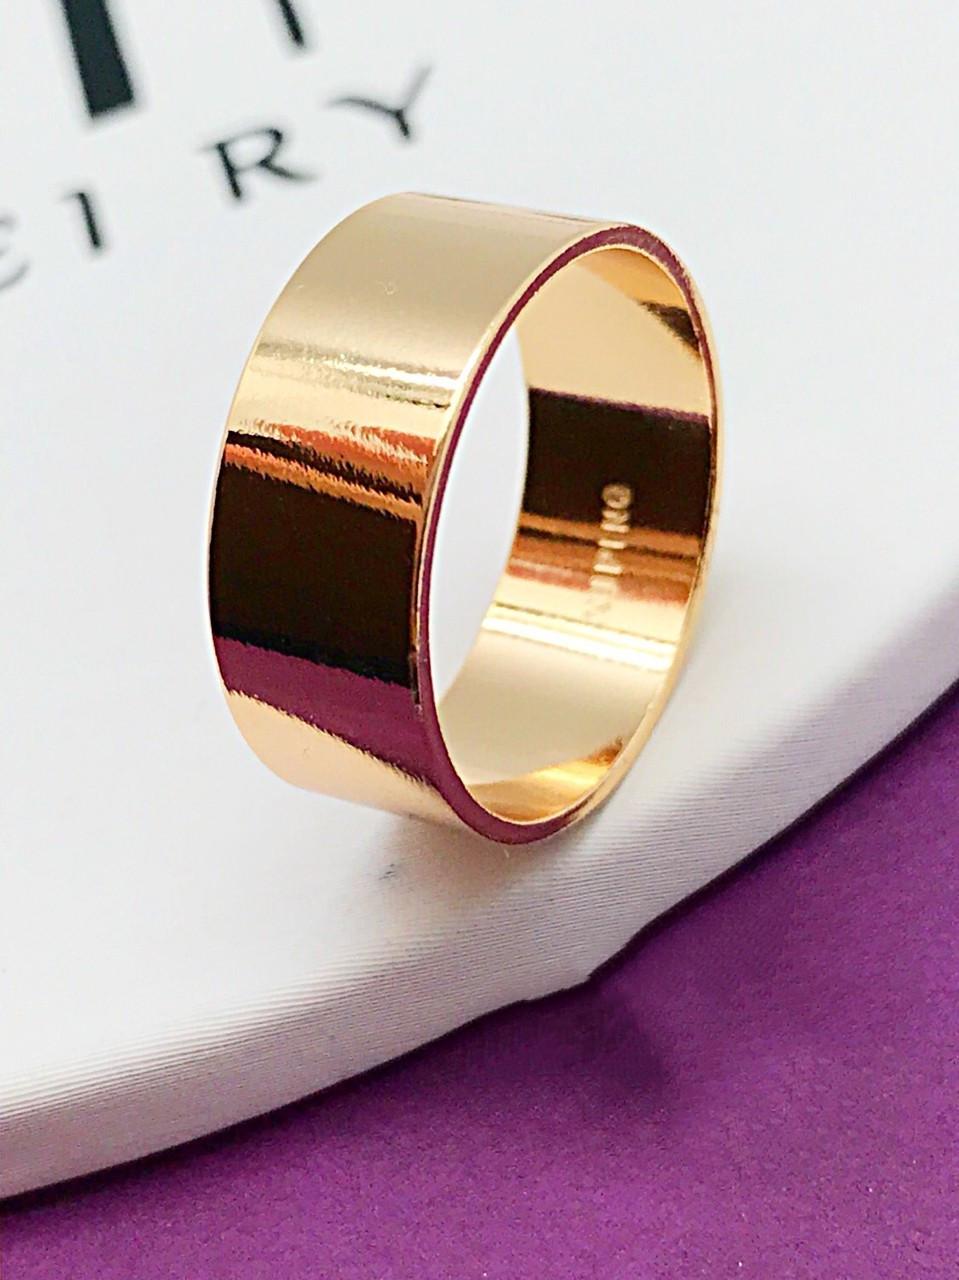 8cec2a71b1bd83 Кольцо Обручальное 8 Мм . Медицинское Золото. — в Категории ...